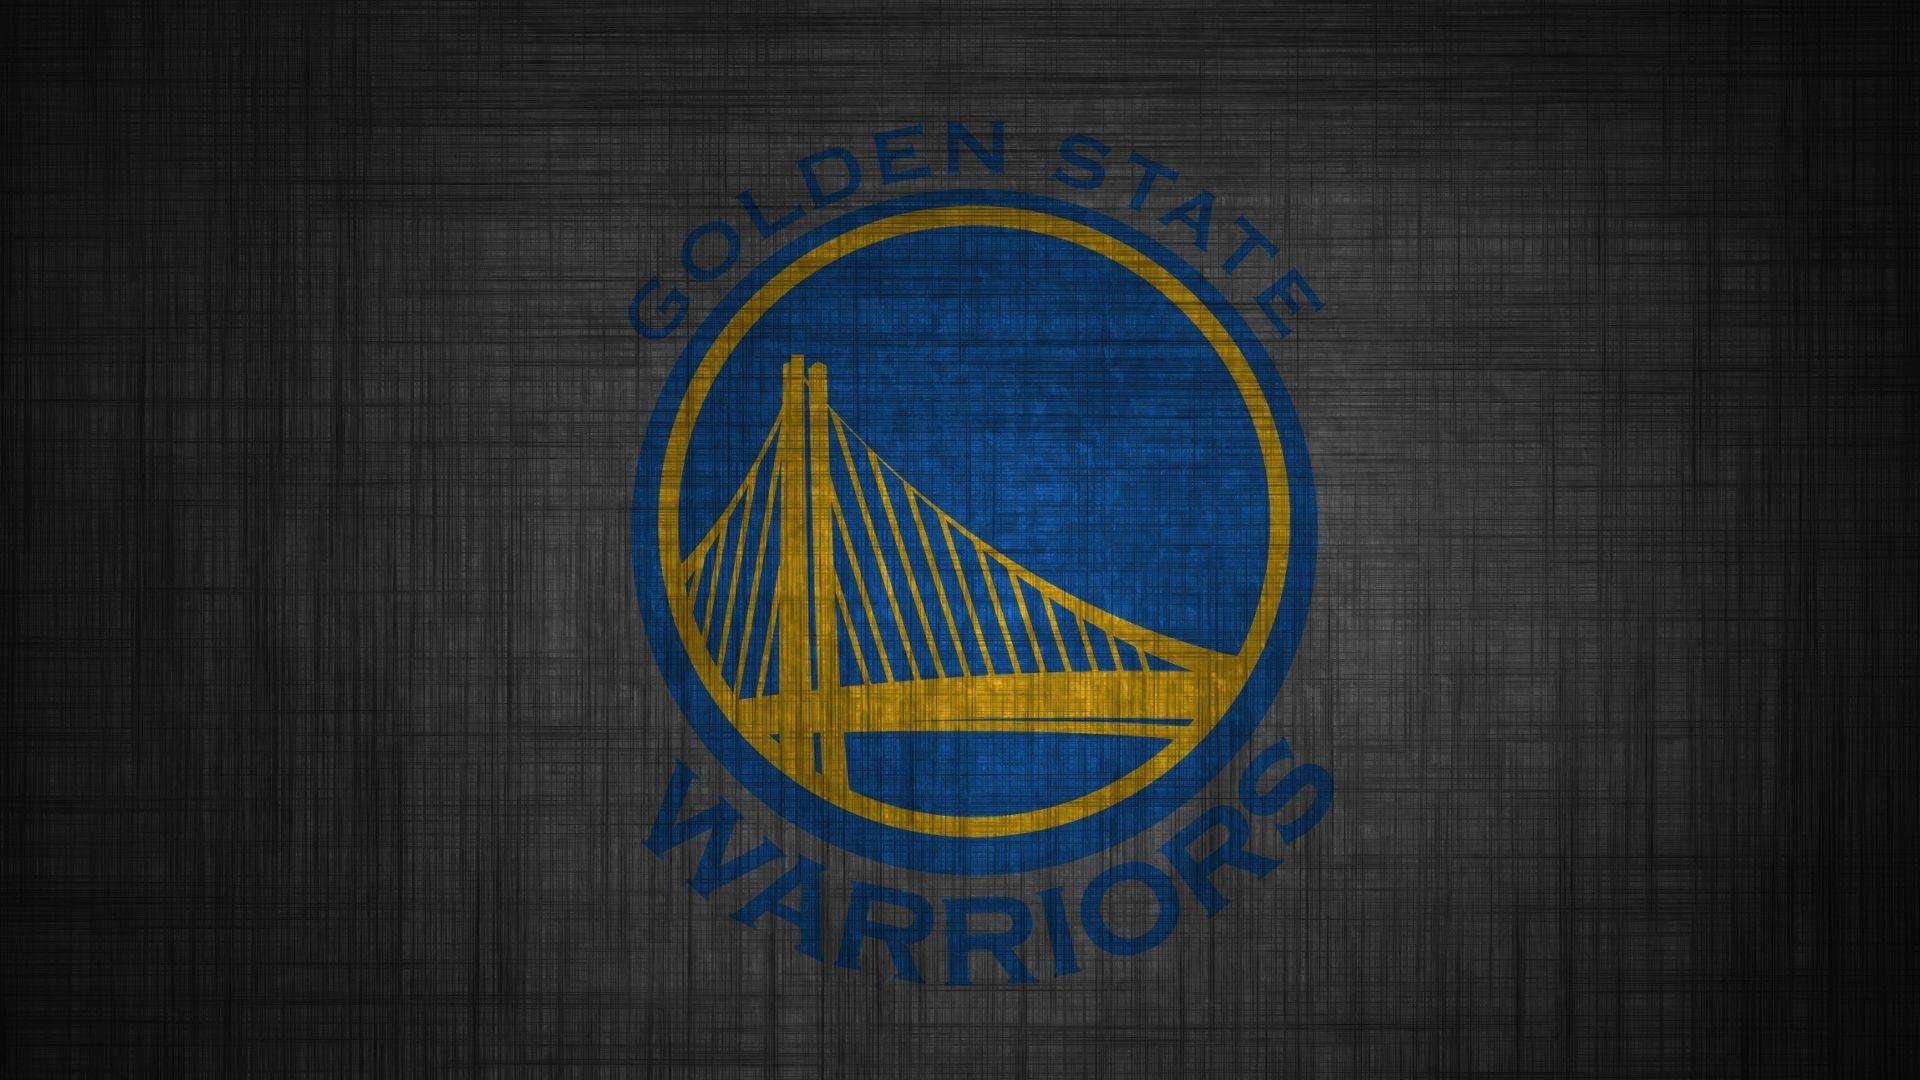 golden state warriors logo wallpaper | wallpaper hd 1080p